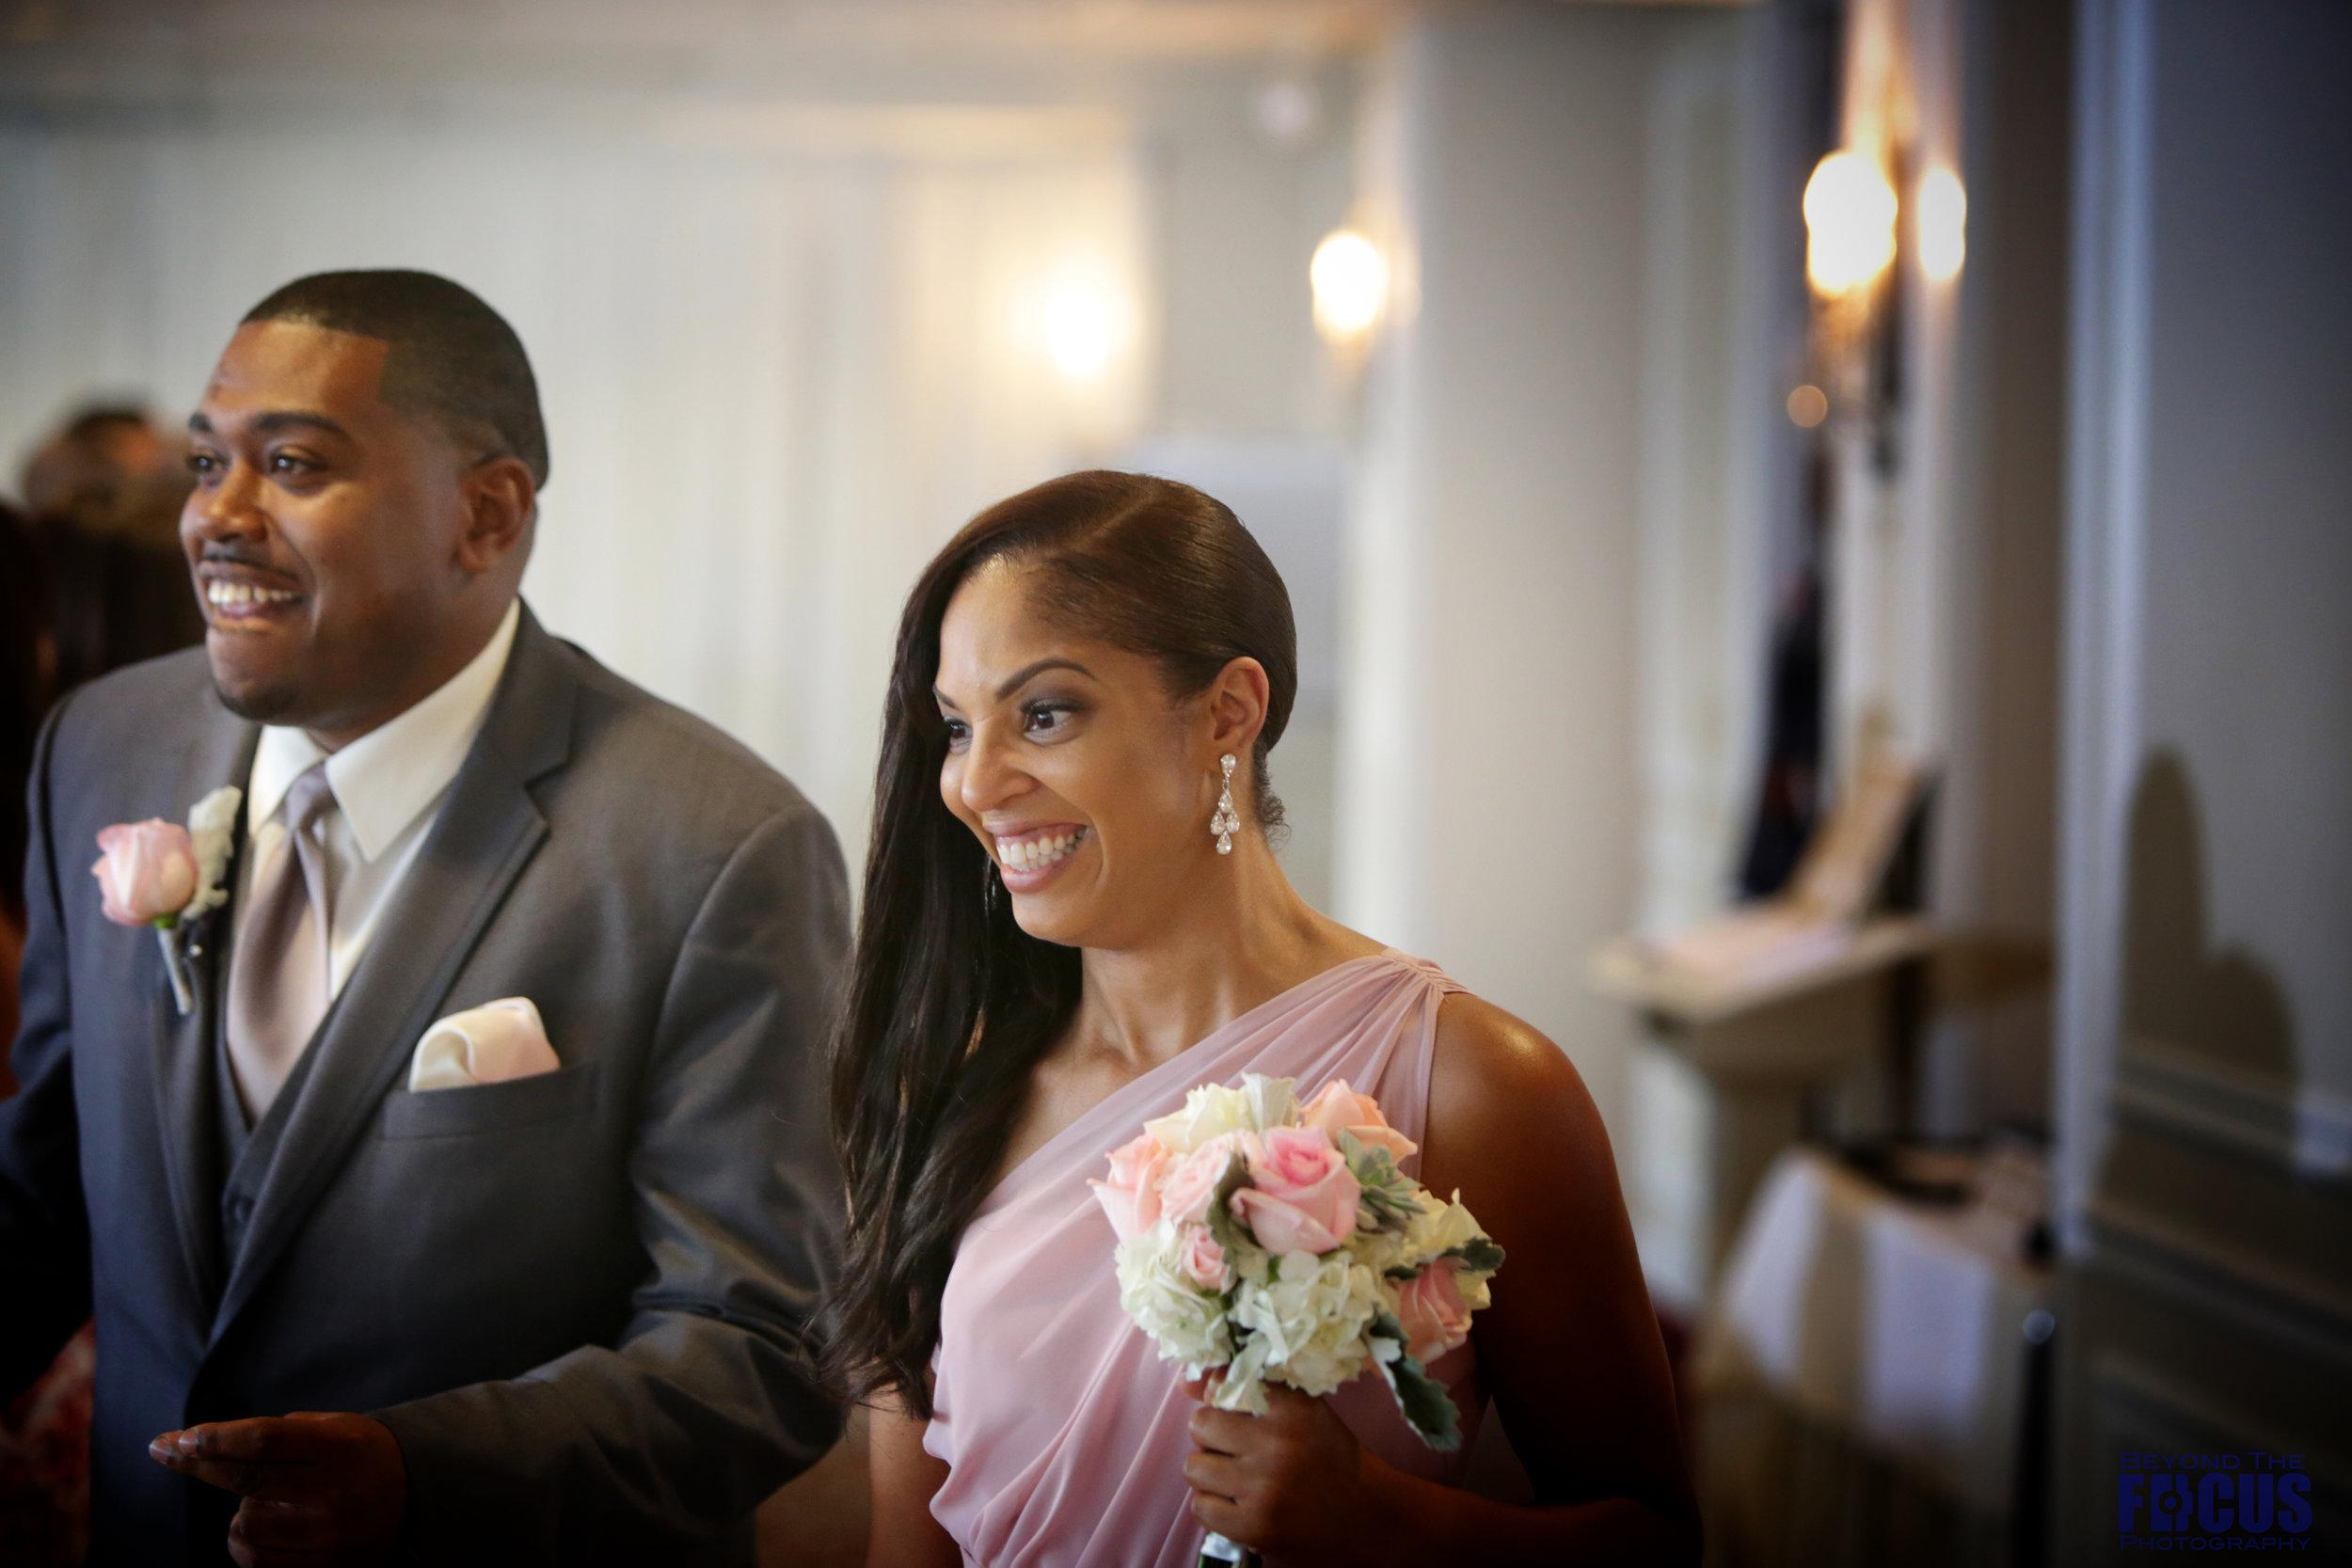 Palmer Wedding - Wedding Reception40.jpg